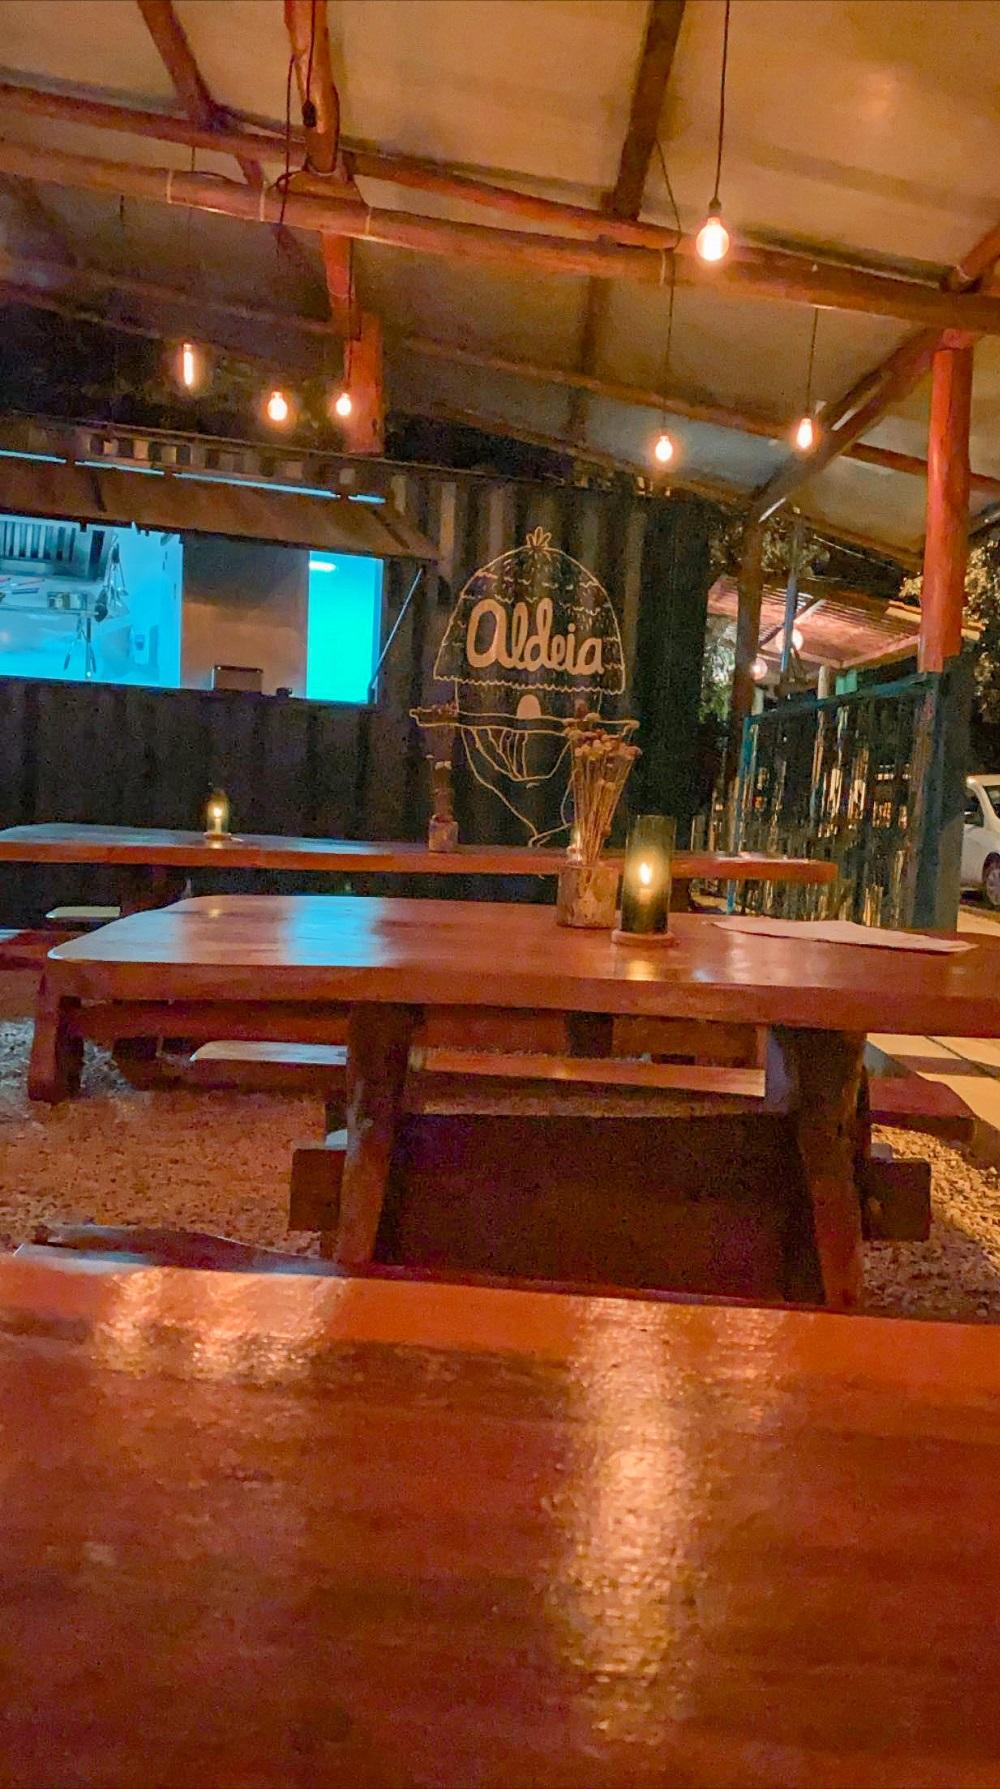 restaurante aldeia chapada dos veadeiros